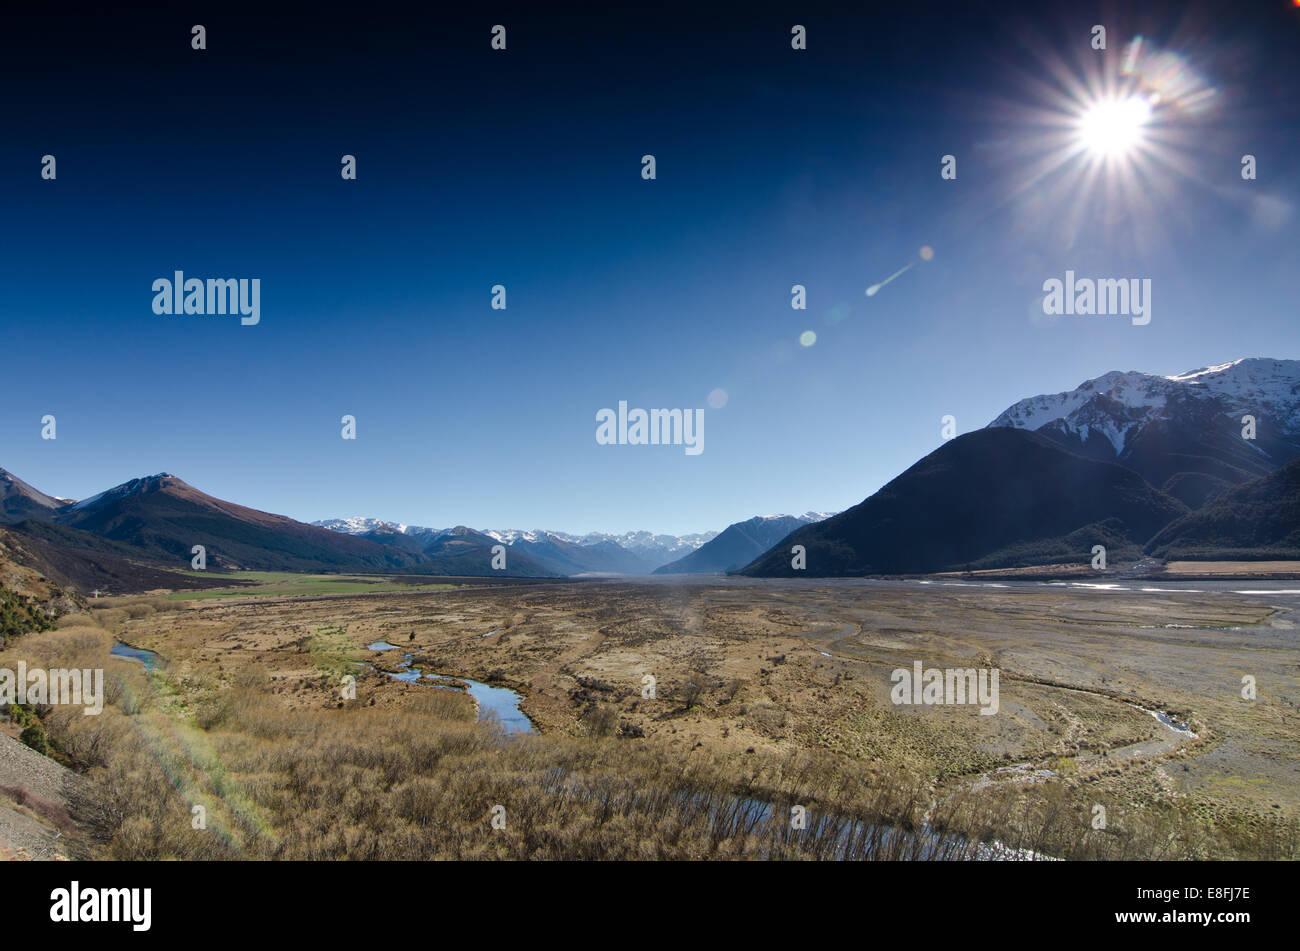 Nuova Zelanda, Canterbury, Arthur's Pass, pianure sotto la luce del sole Immagini Stock